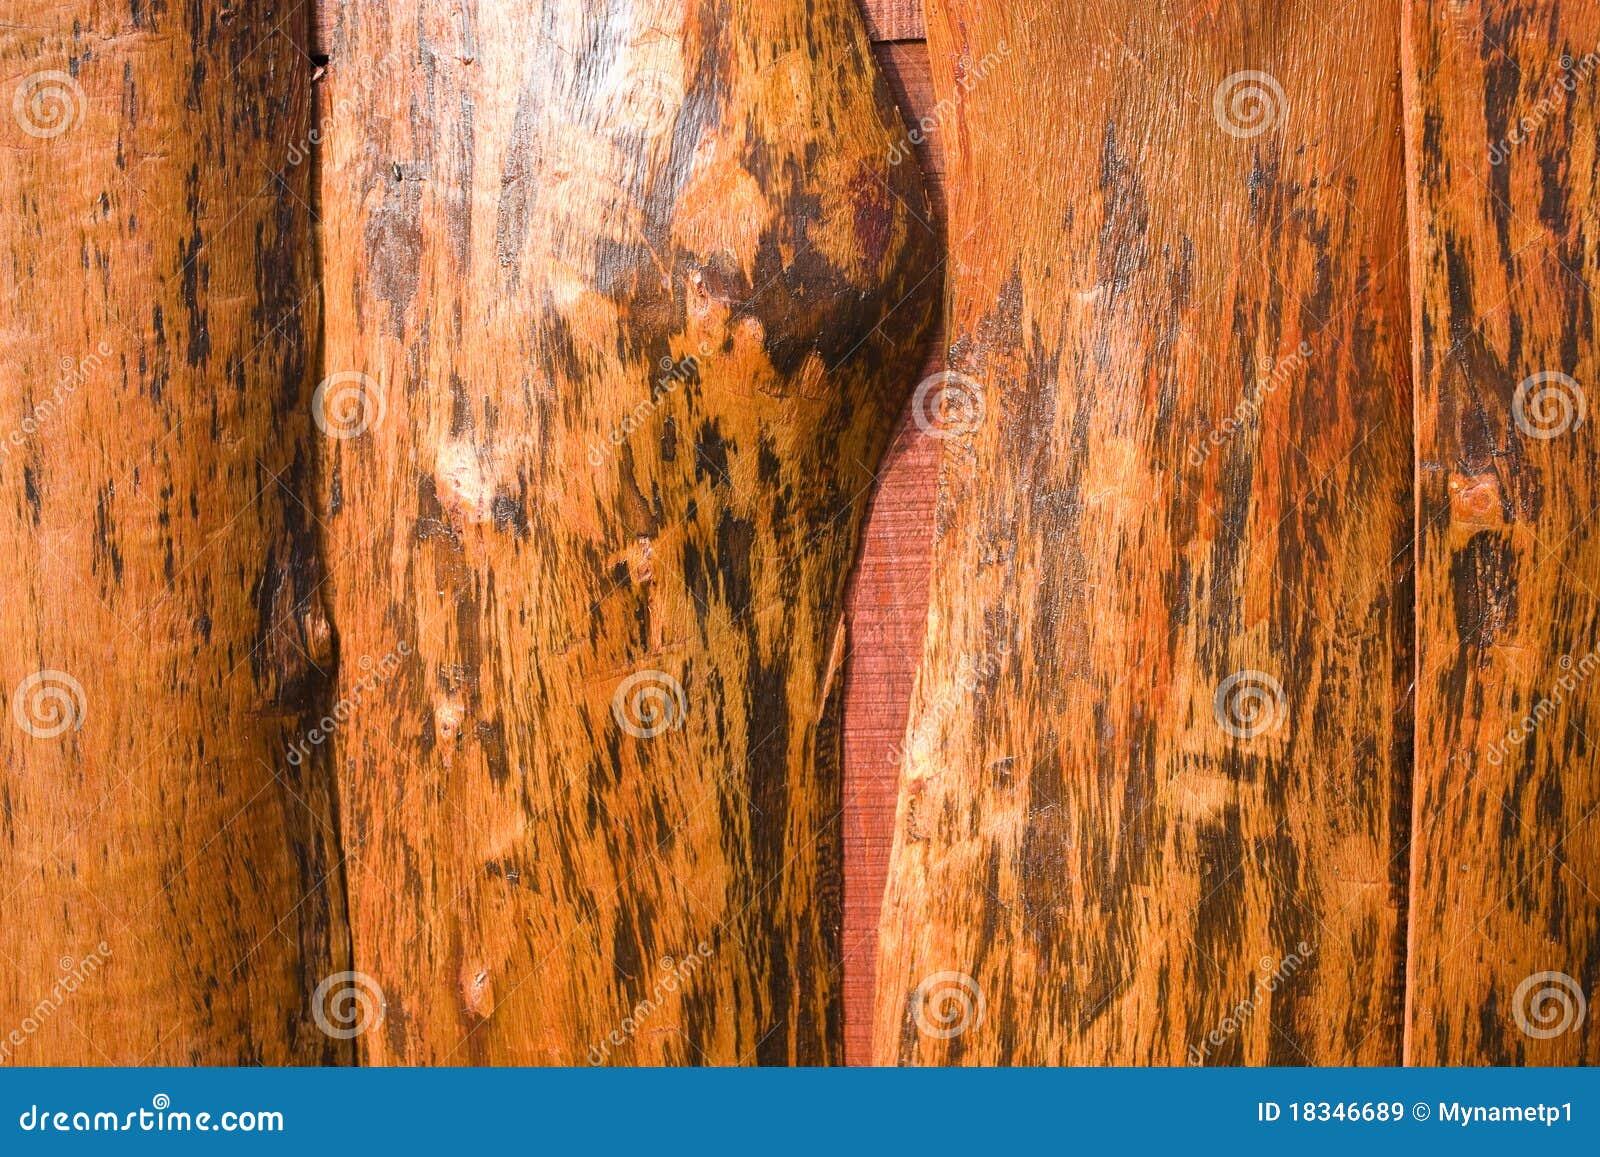 wood background royalty free - photo #17